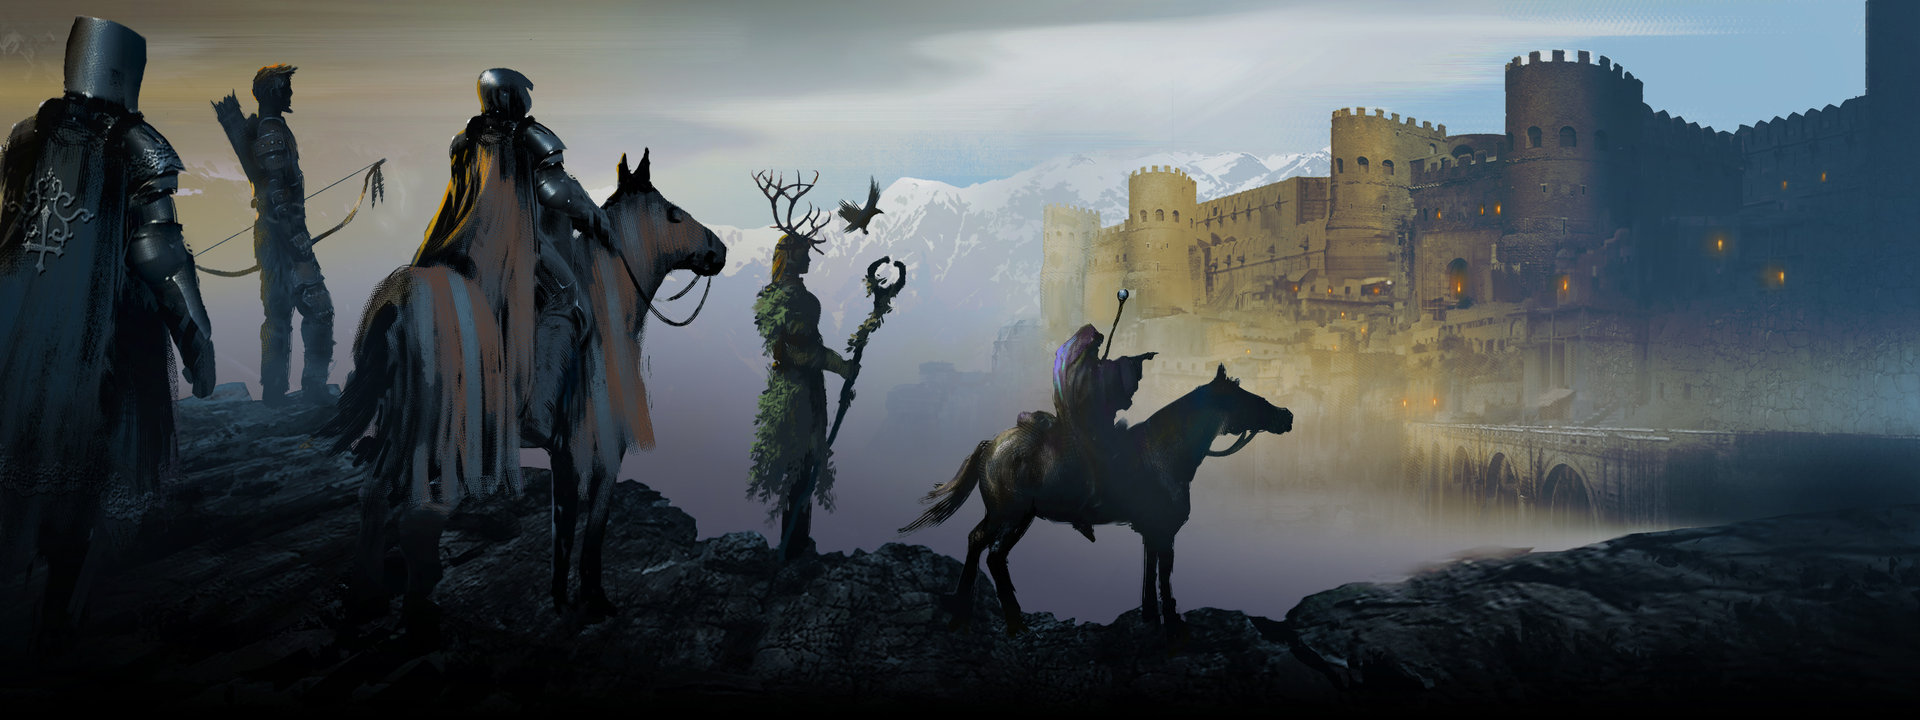 Felix ortiz fantasy banner 4 hr.jpg.edd321c38cff5abc689be1a919d90548